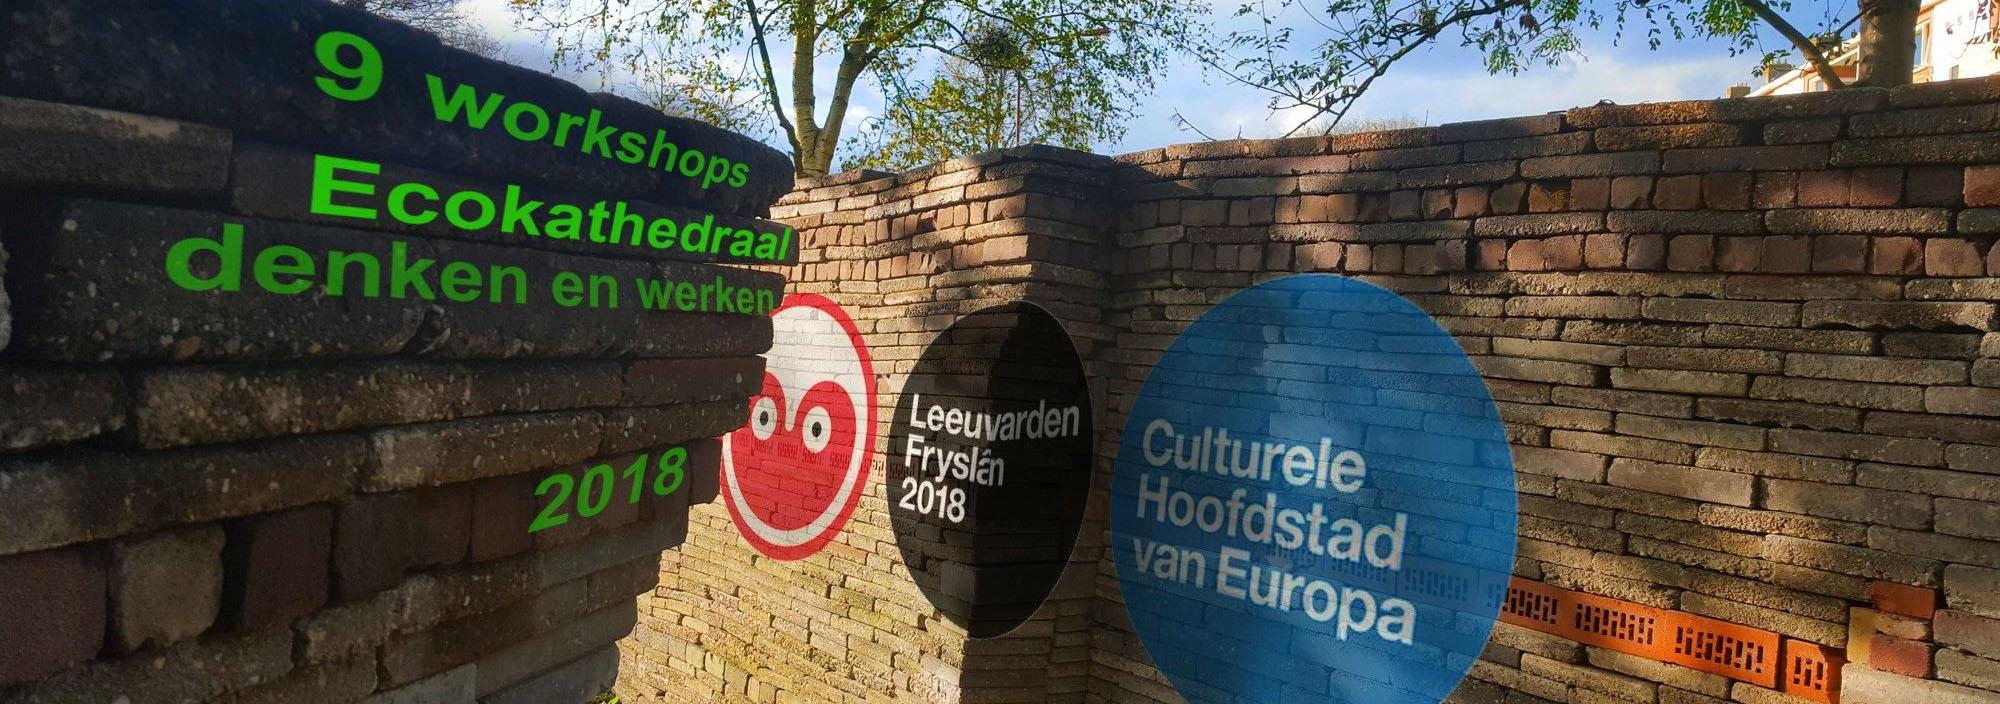 9 workshops ecokathedraal denken en werken